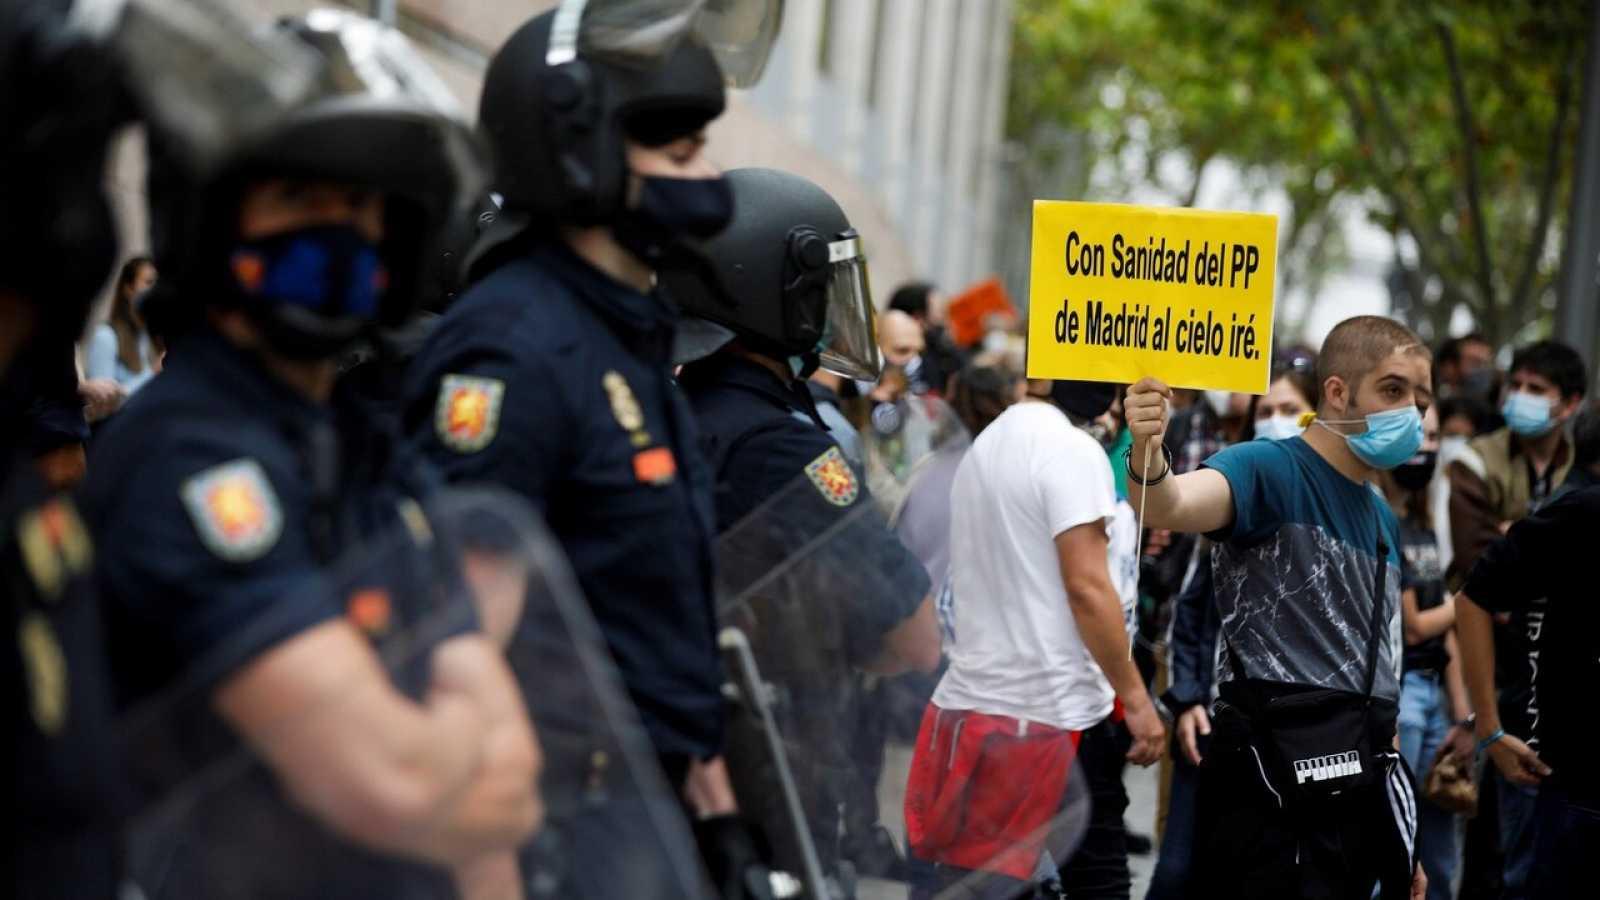 """Isa Serra (Podemos): """"Protestamos por el injusto e ineficaz confinamiento en las zonas más humildes"""""""